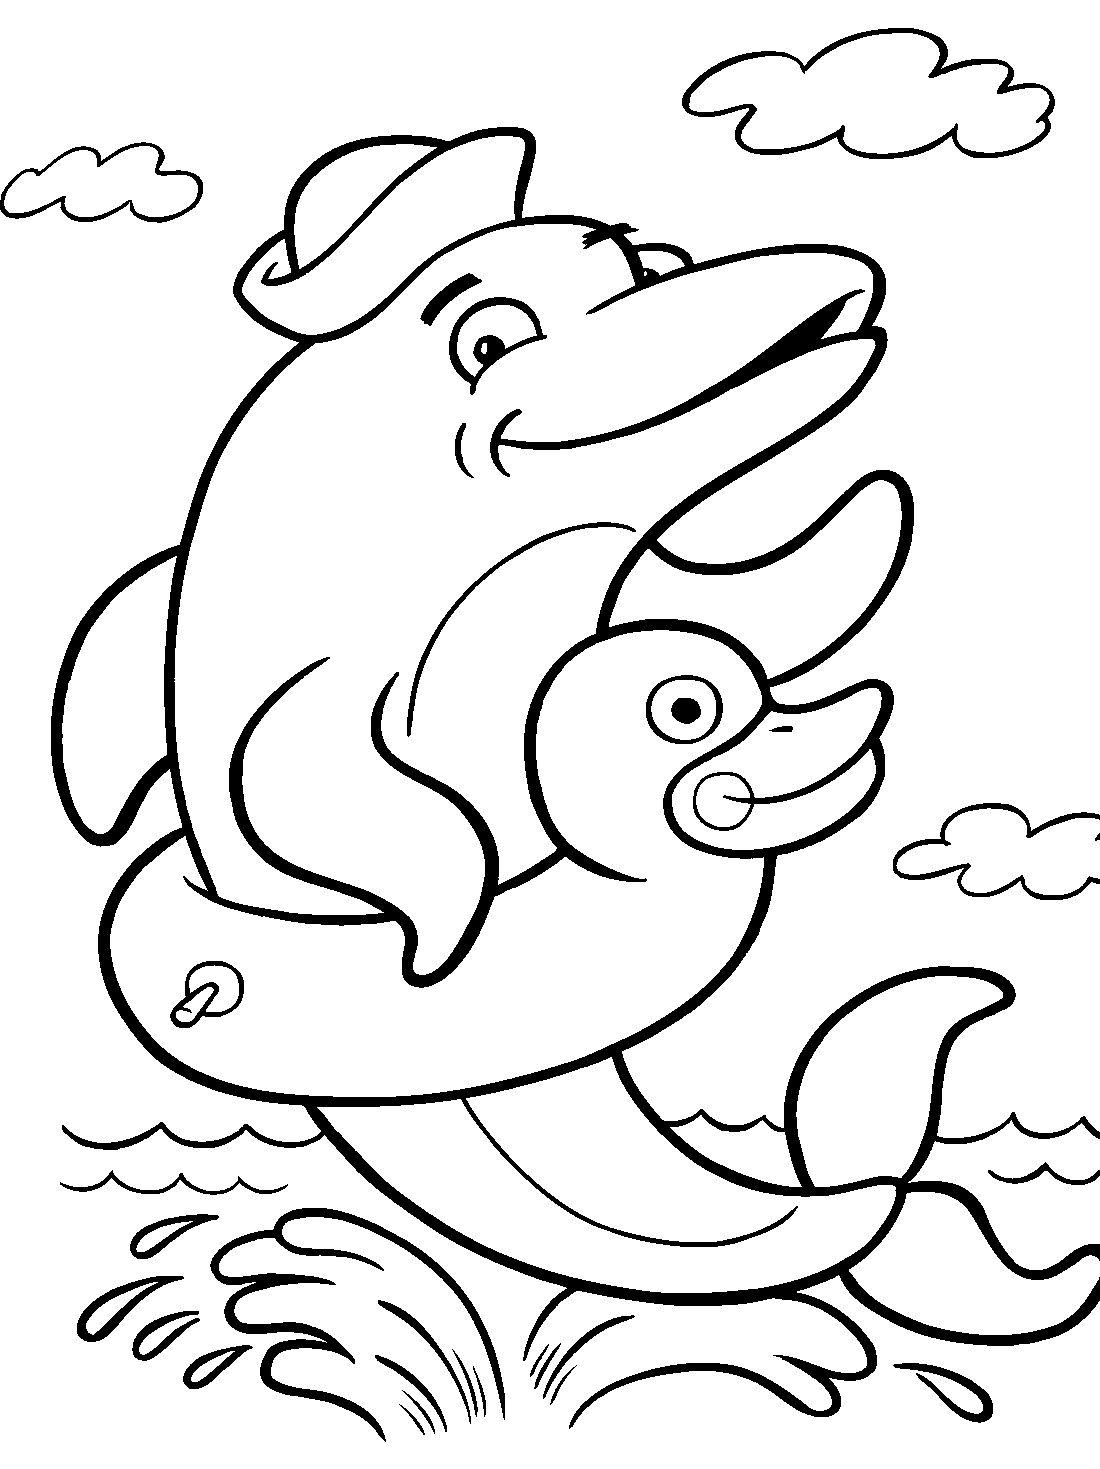 раскраска дельфин: 19 тыс изображений найдено в Яндекс ...